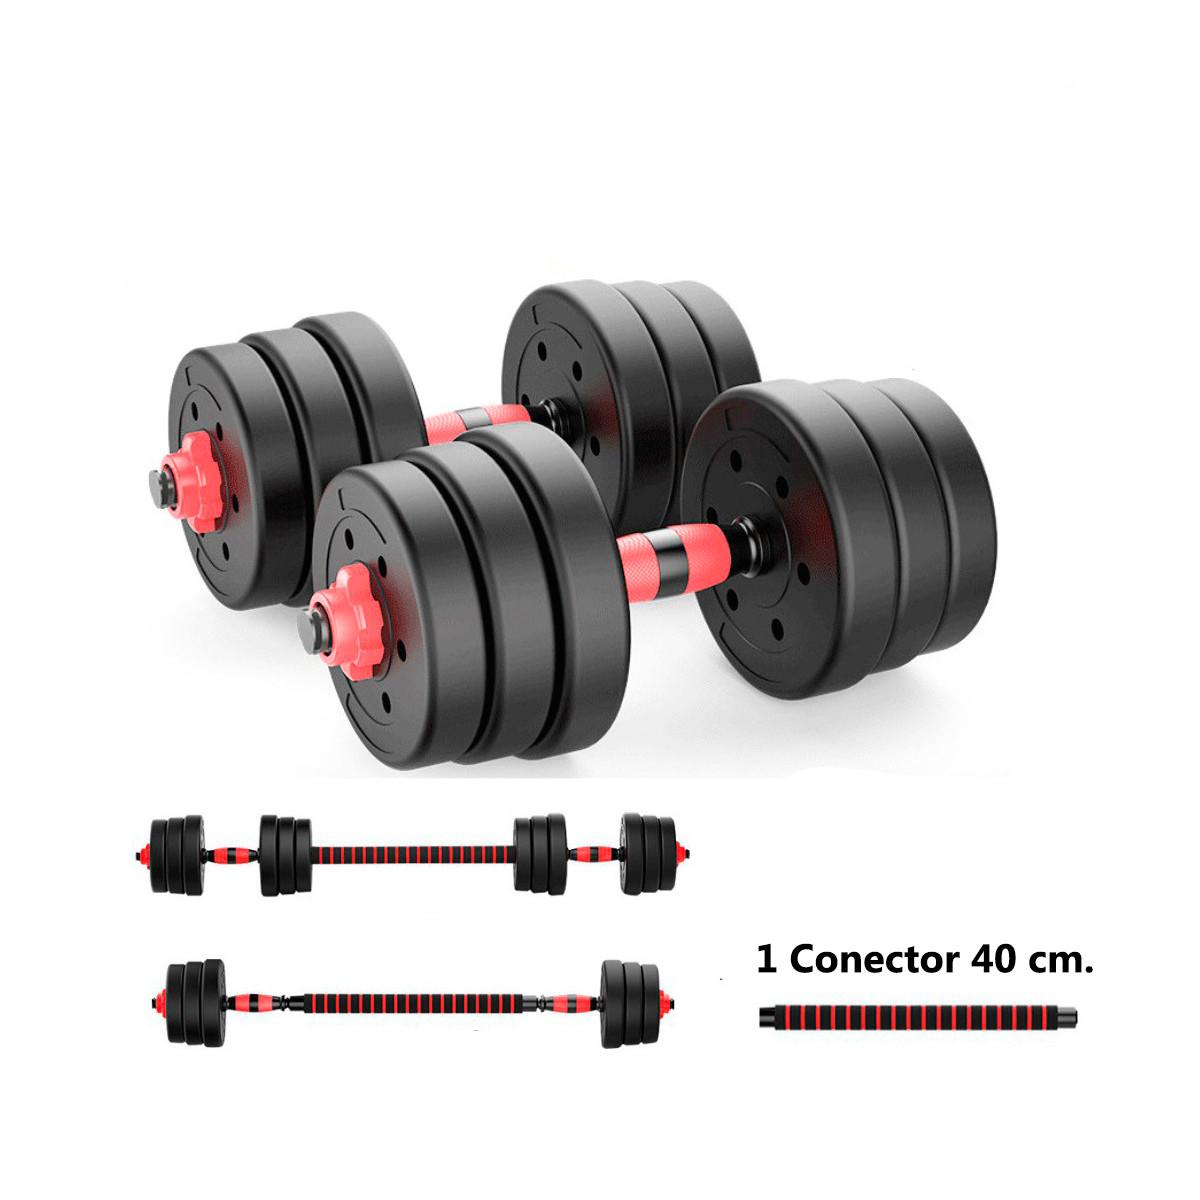 miniatura 17 - Juego de Mancuernas 2 en 1 con Barra Ajustable de 10 a 50 kg